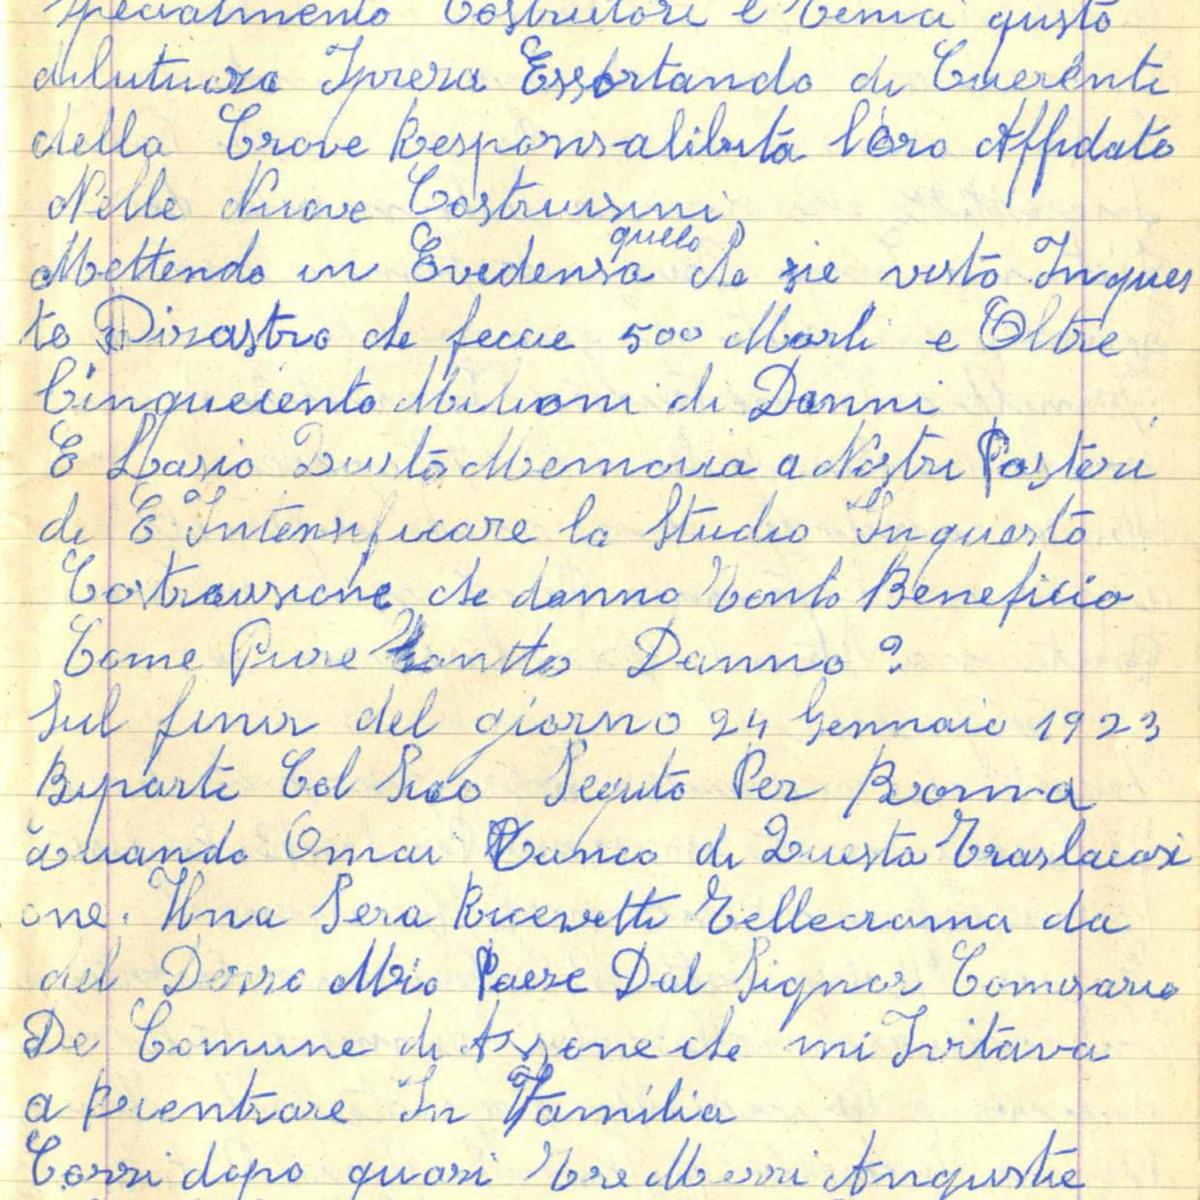 Lettera di Bettineschi Giovanmaria di Tomaso_09